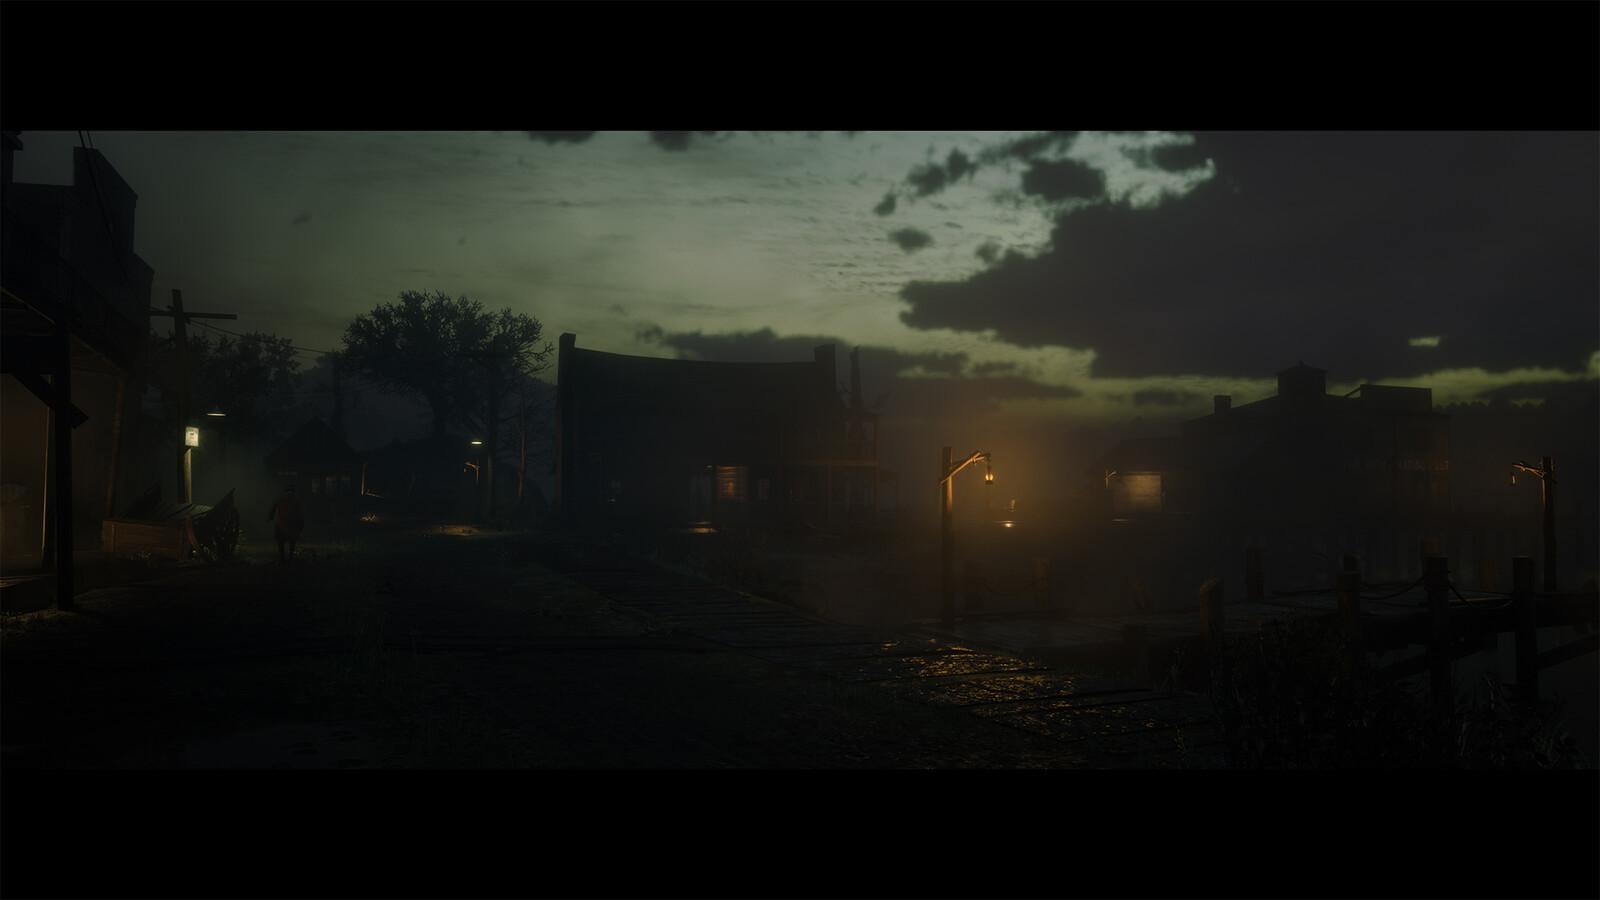 VAN HORN LIGHTING - RED DEAD REDEMPTION 2